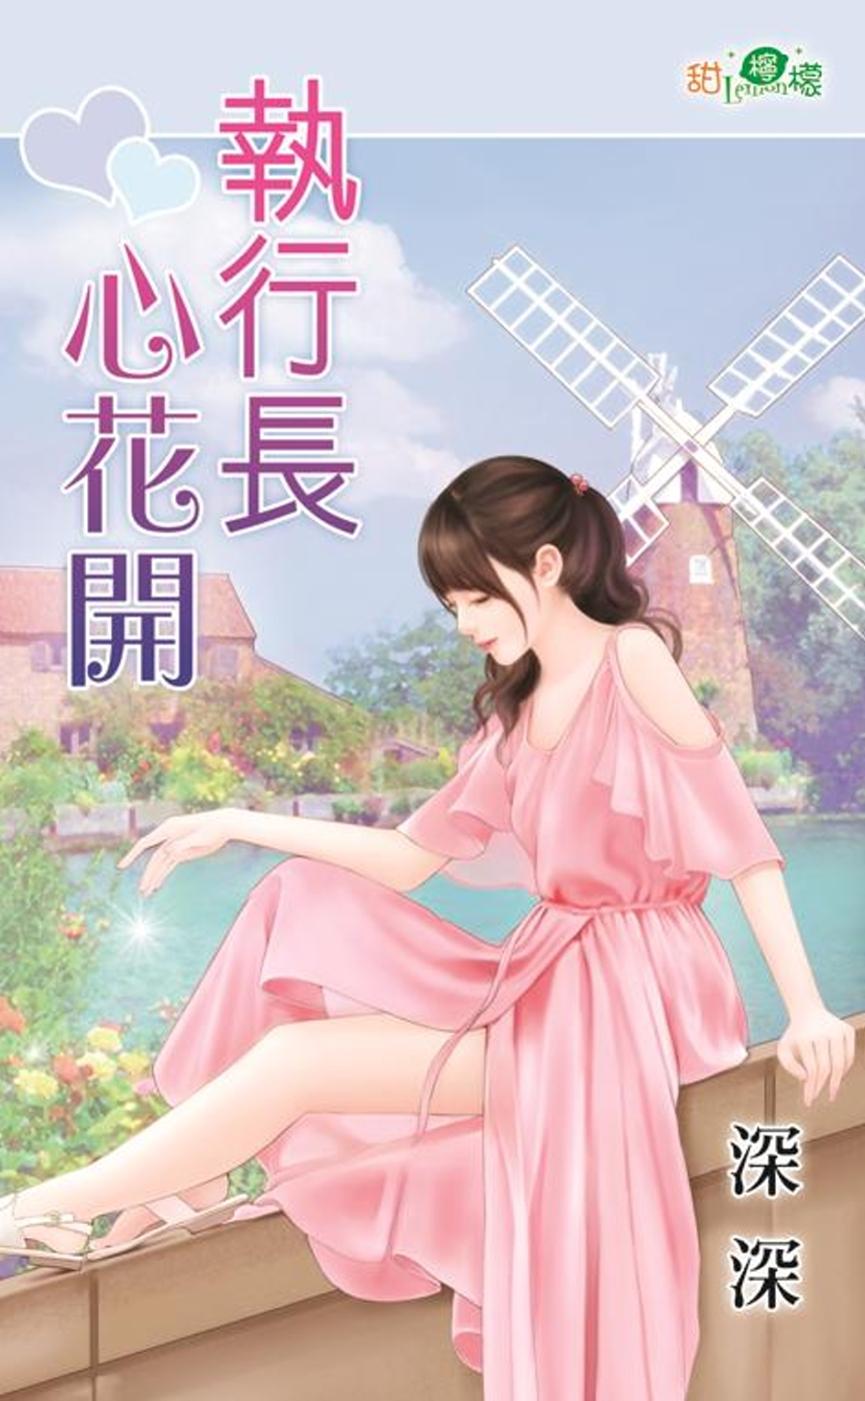 《執行長心花開》 商品條碼,ISBN:9789862888766